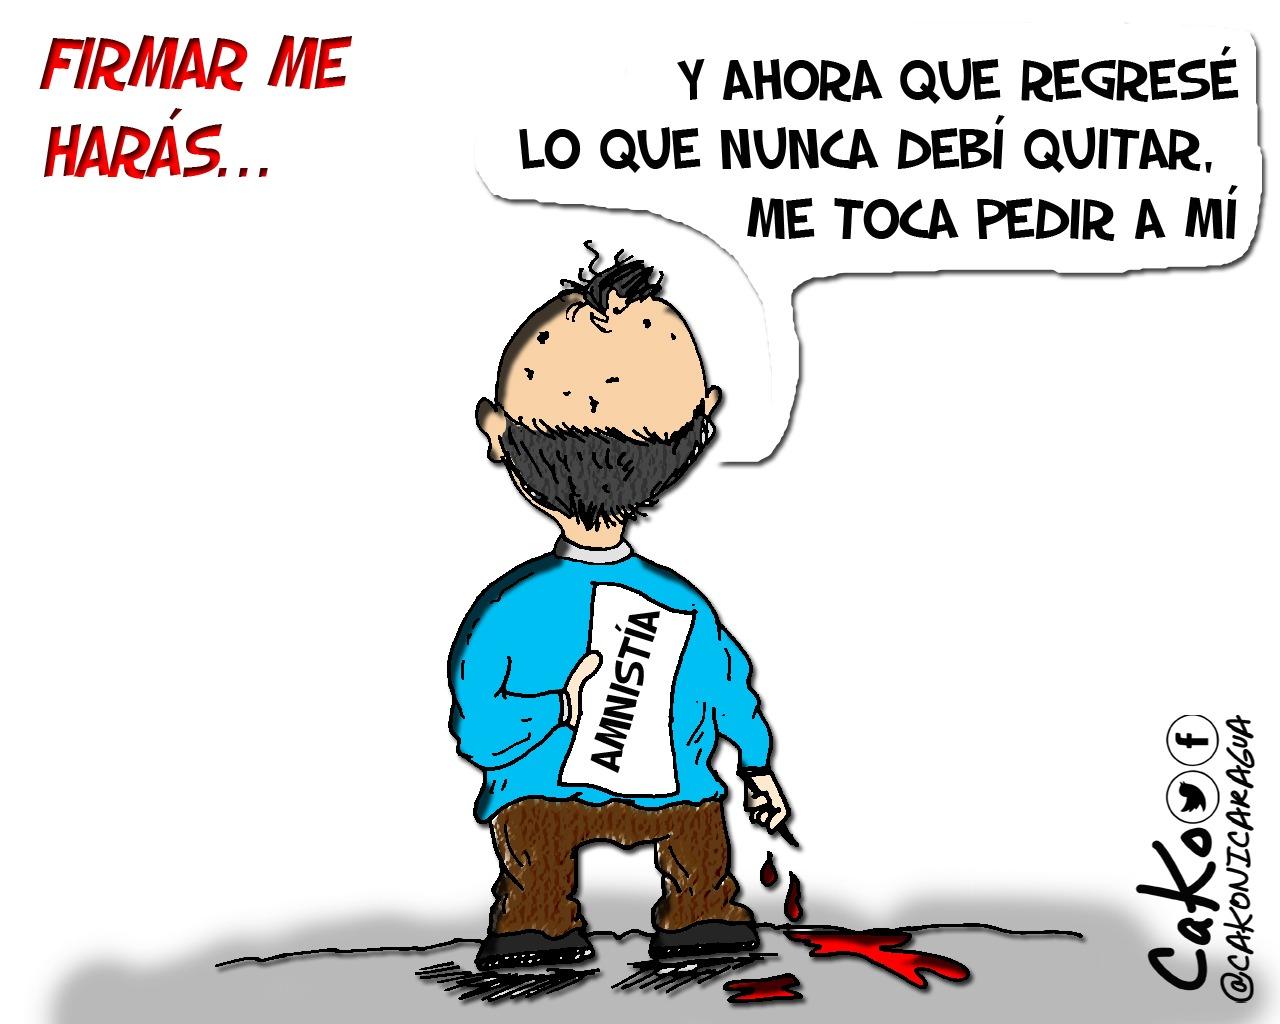 La Caricatura: Tratos sobre sangre y dolor. Caricaturista: Cako